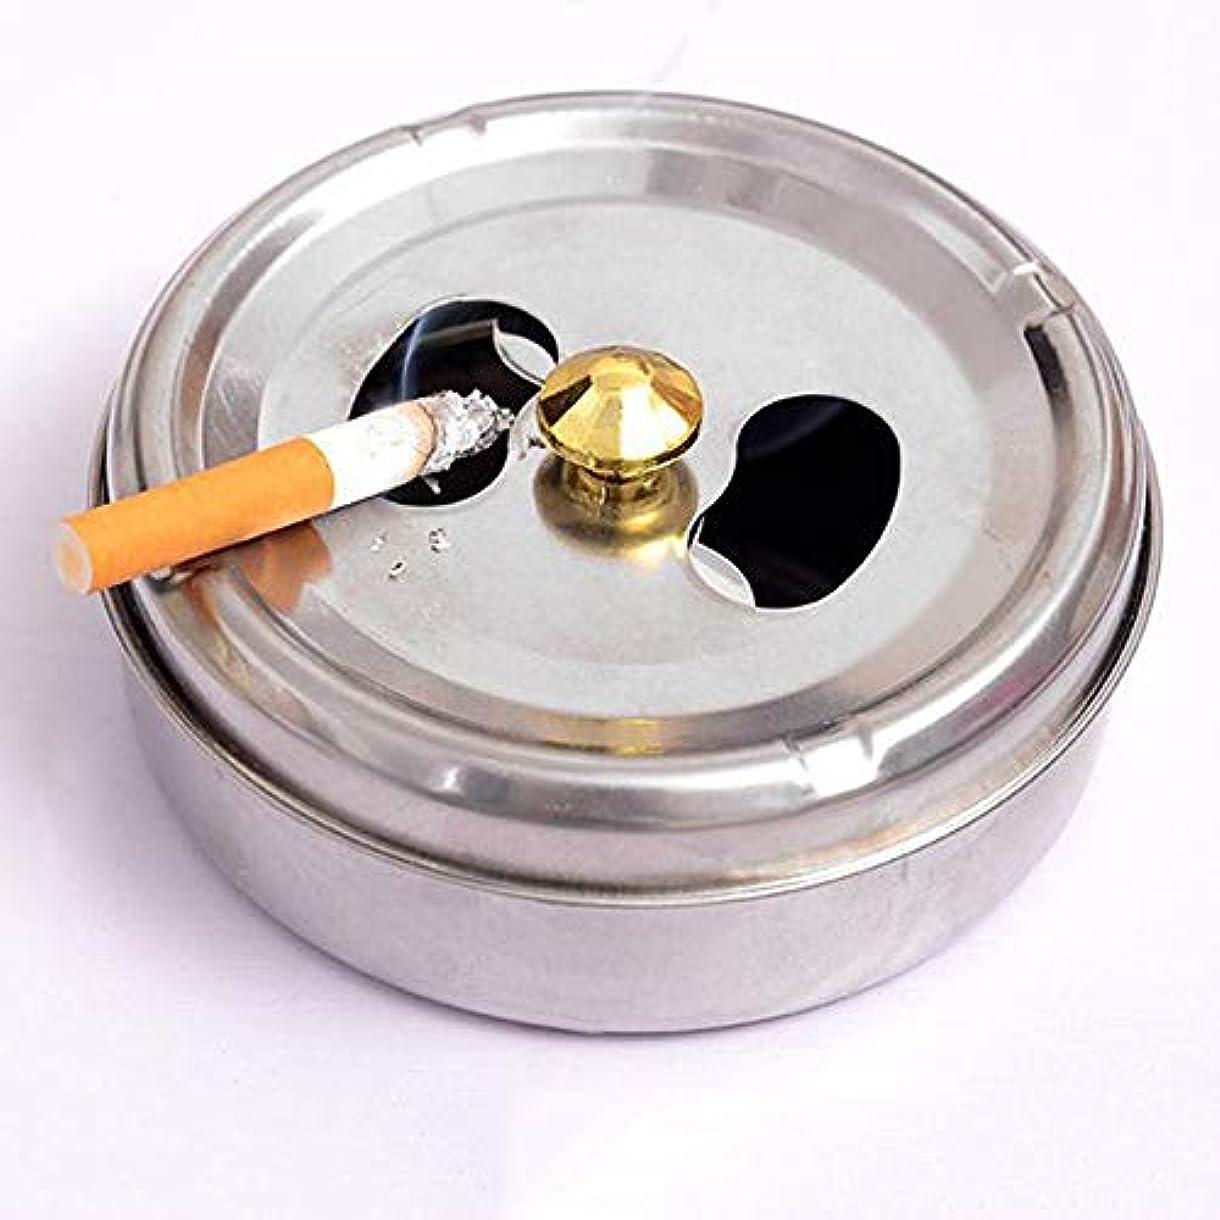 分解する蒸発するひばりステンレス鋼ドラム形状現代防風無煙卓上灰皿シガーシガー灰ホルダー付き蓋カバー (Size : L)